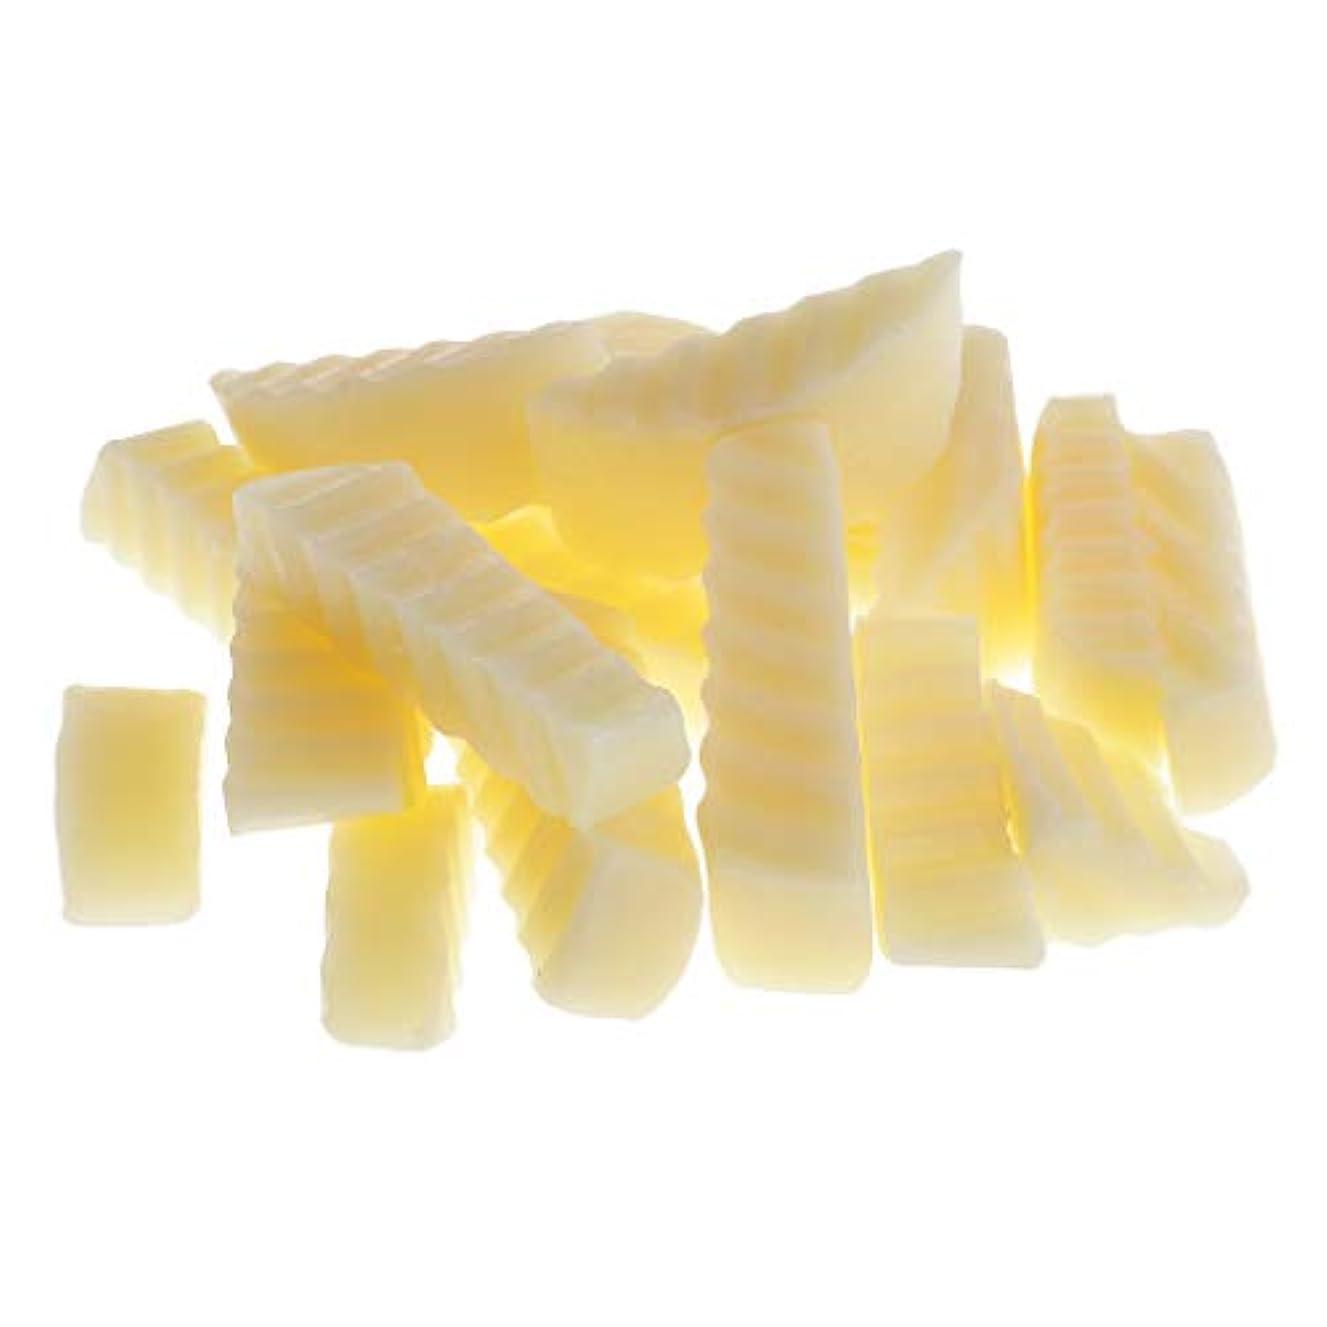 驚かす取り扱いマトン約250g /パック ラノリン石鹸 自然な素材 DIY手作り 石鹸 固形せっけん 使いやすい